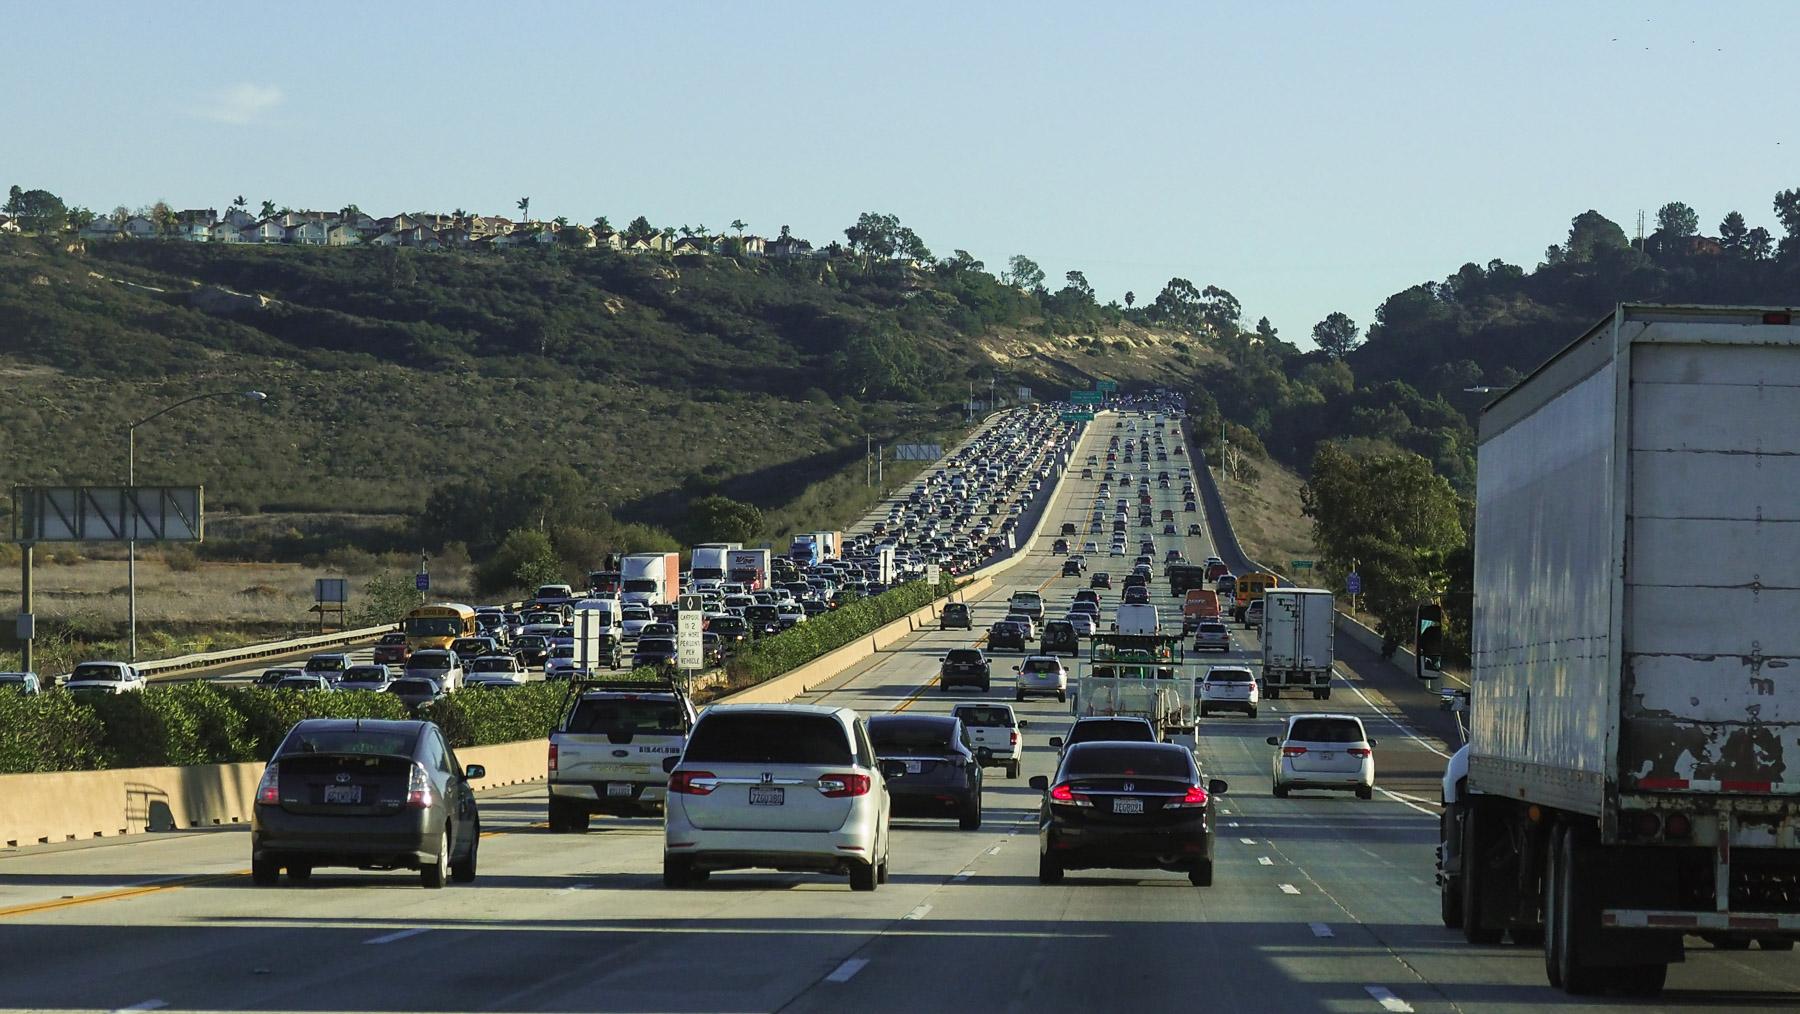 jede Menge Autobahnen und Verkehr im südlichen Kalifornien